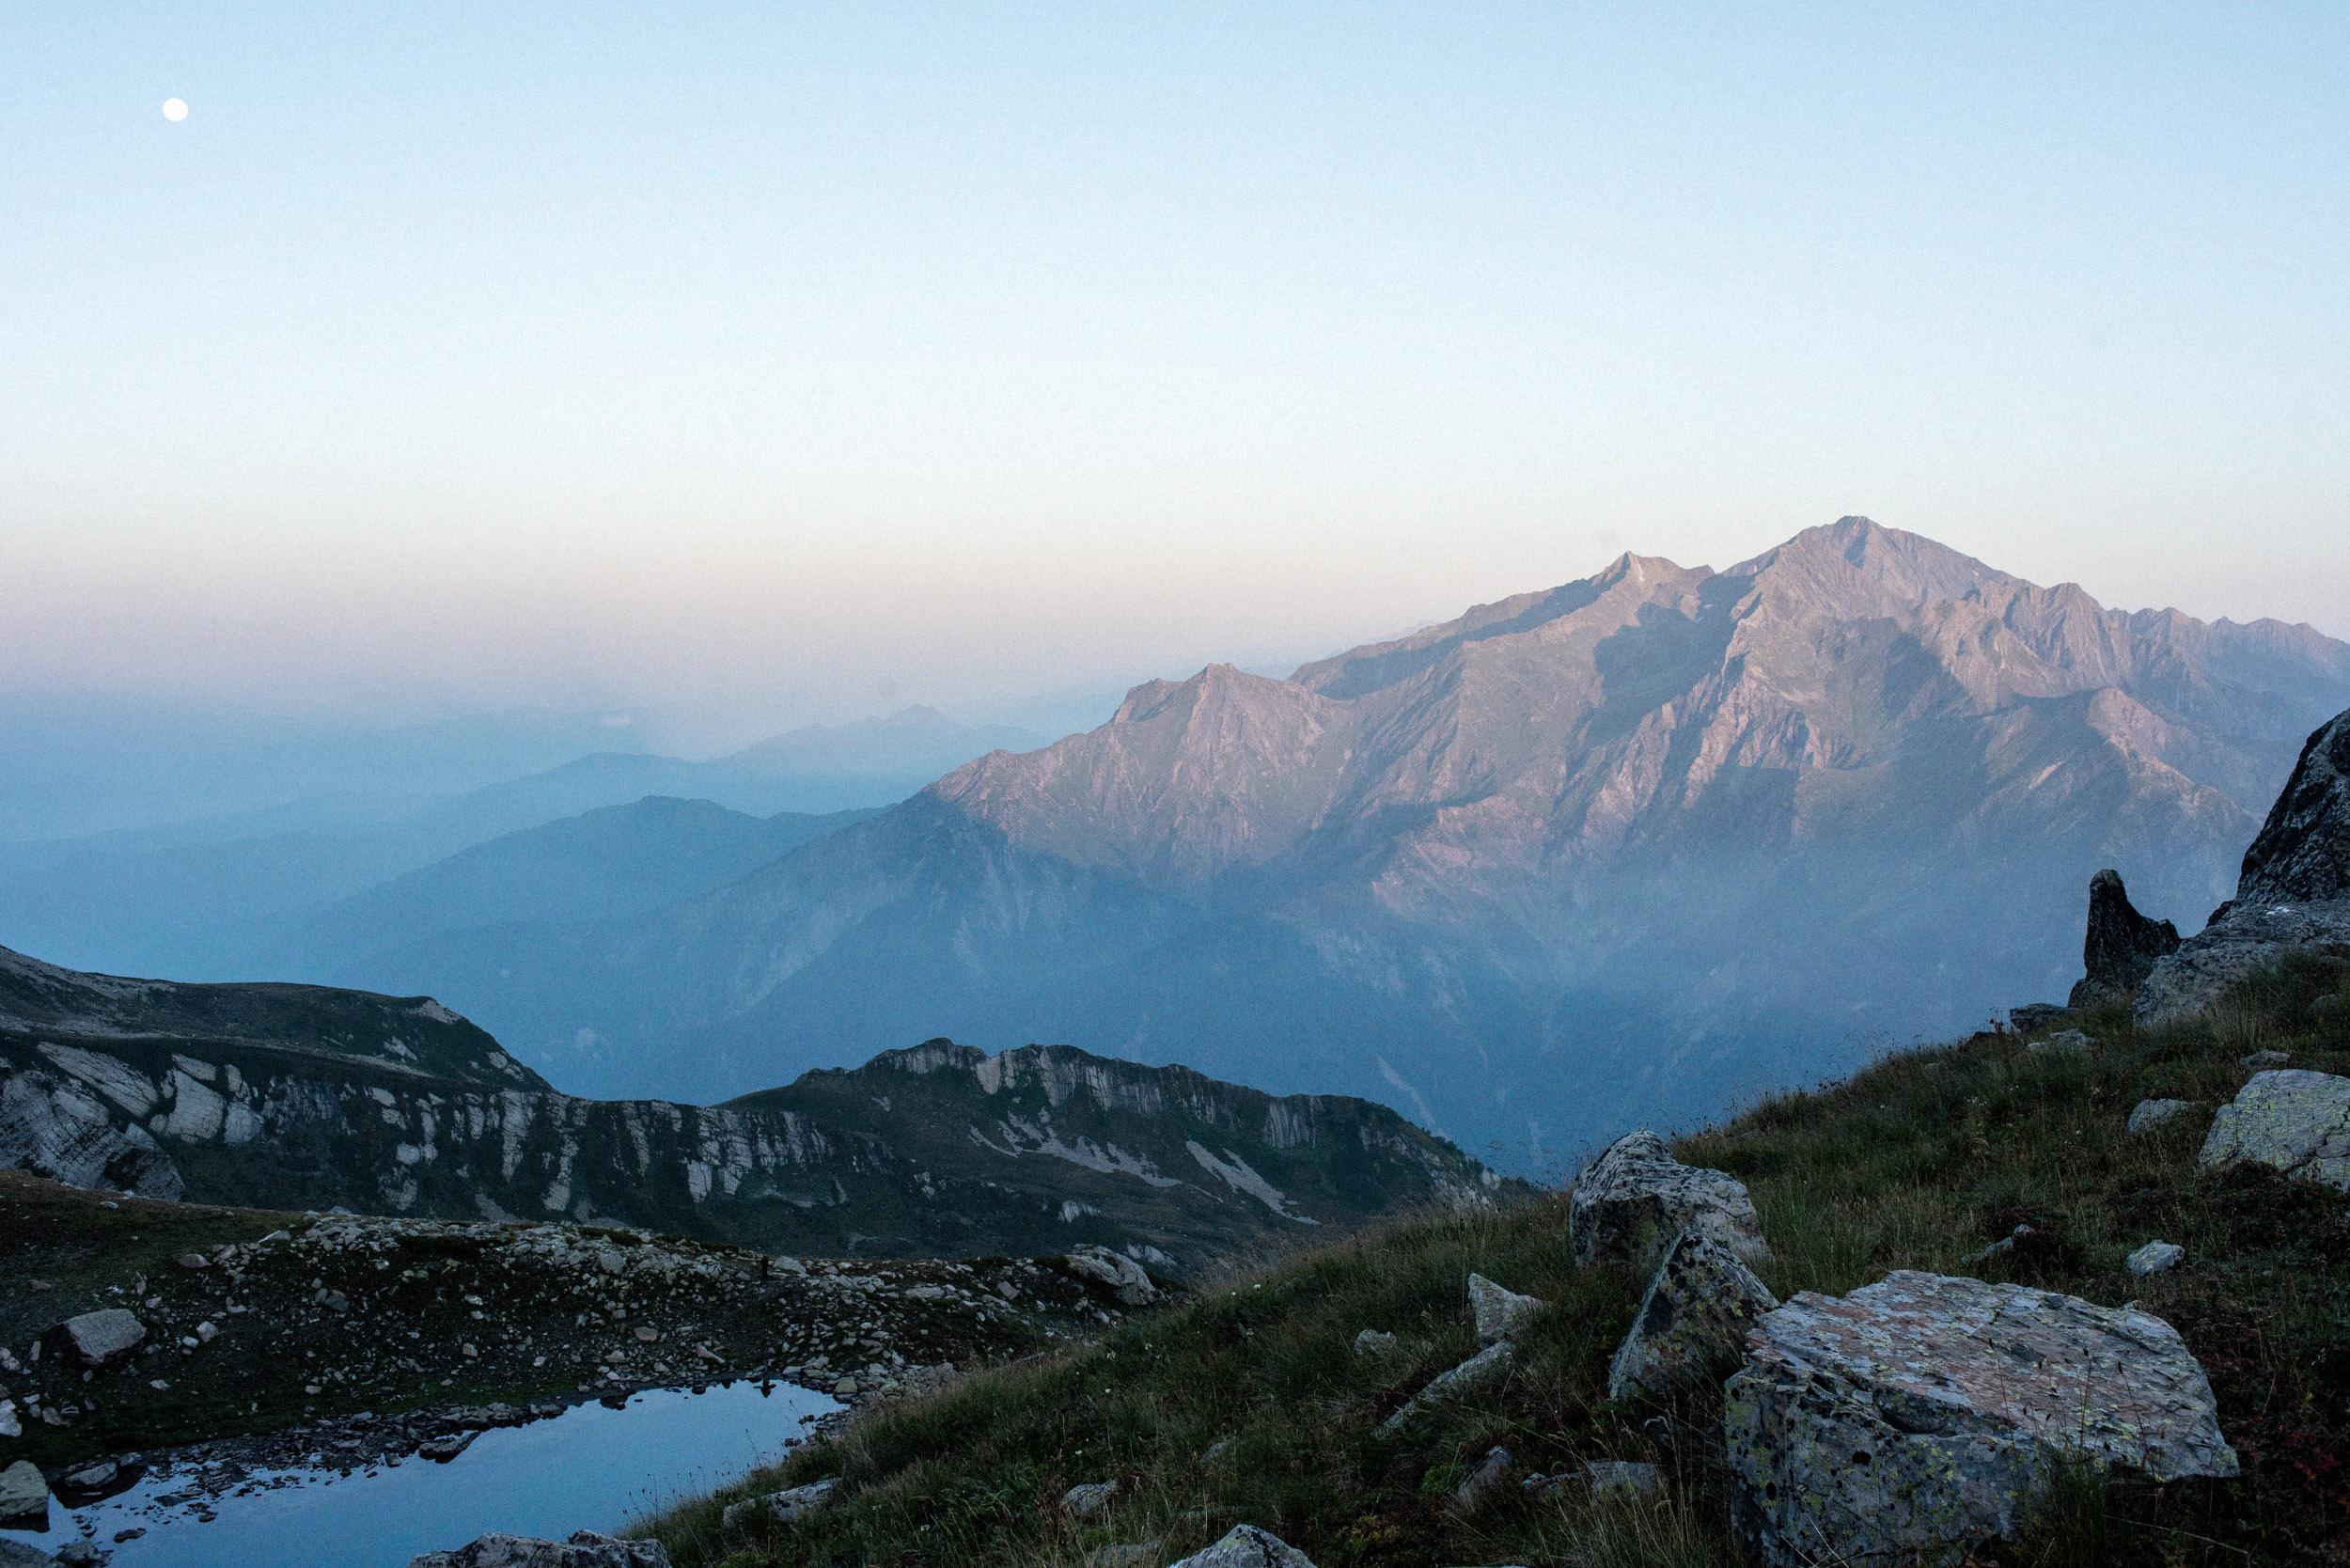 Foto genomen door Dim Balsem, zonsopgang in de bergen van Georgië.